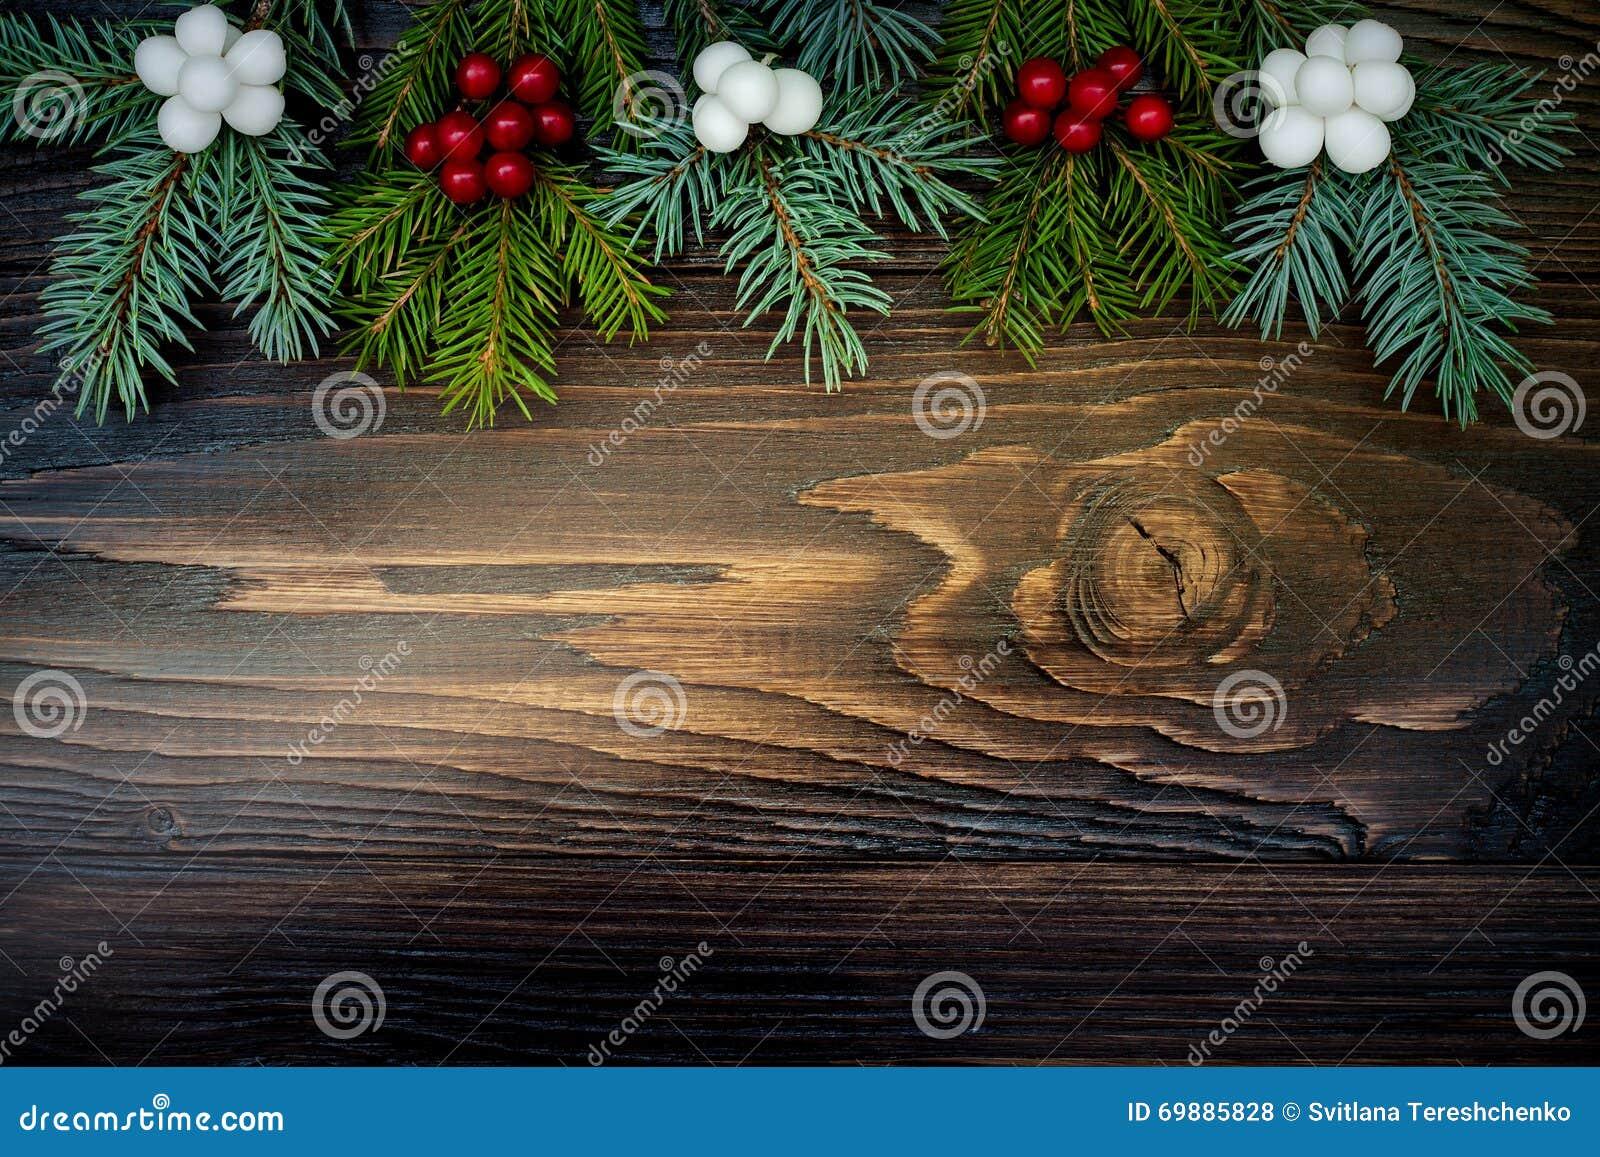 Julbakgrund med granfilialer och bär på grungeträbräde kopiera avstånd